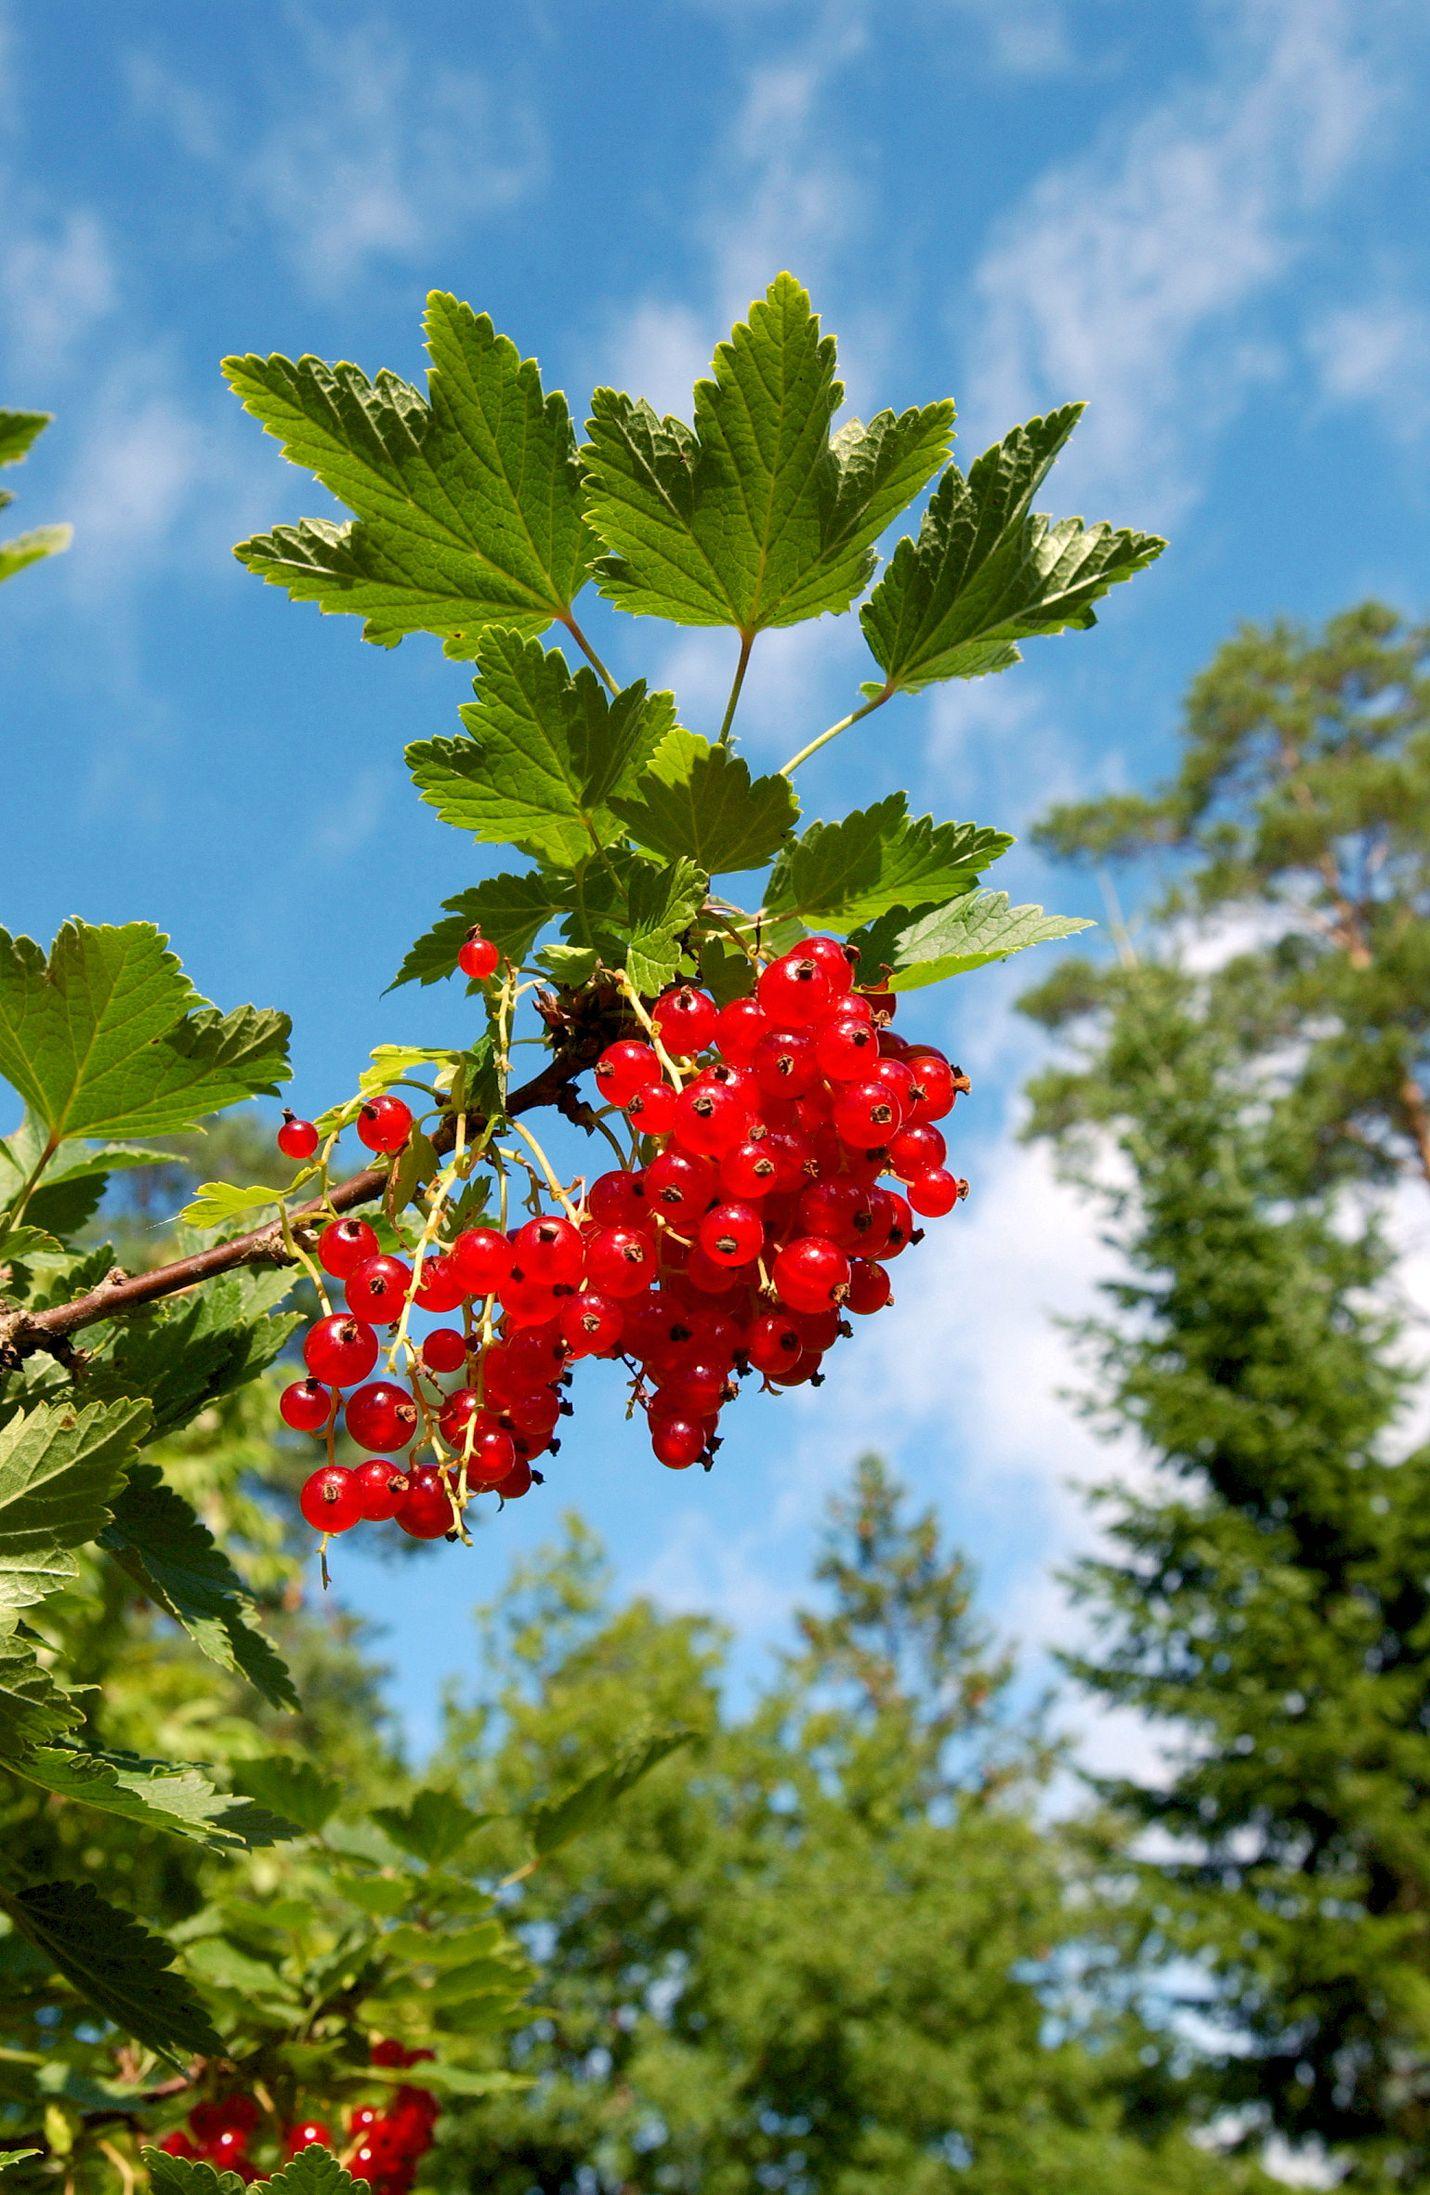 Viinimarja on suomalaisten viherpeukaloiden suosikki. Kuva: LS-arkisto/Esa Urhonen